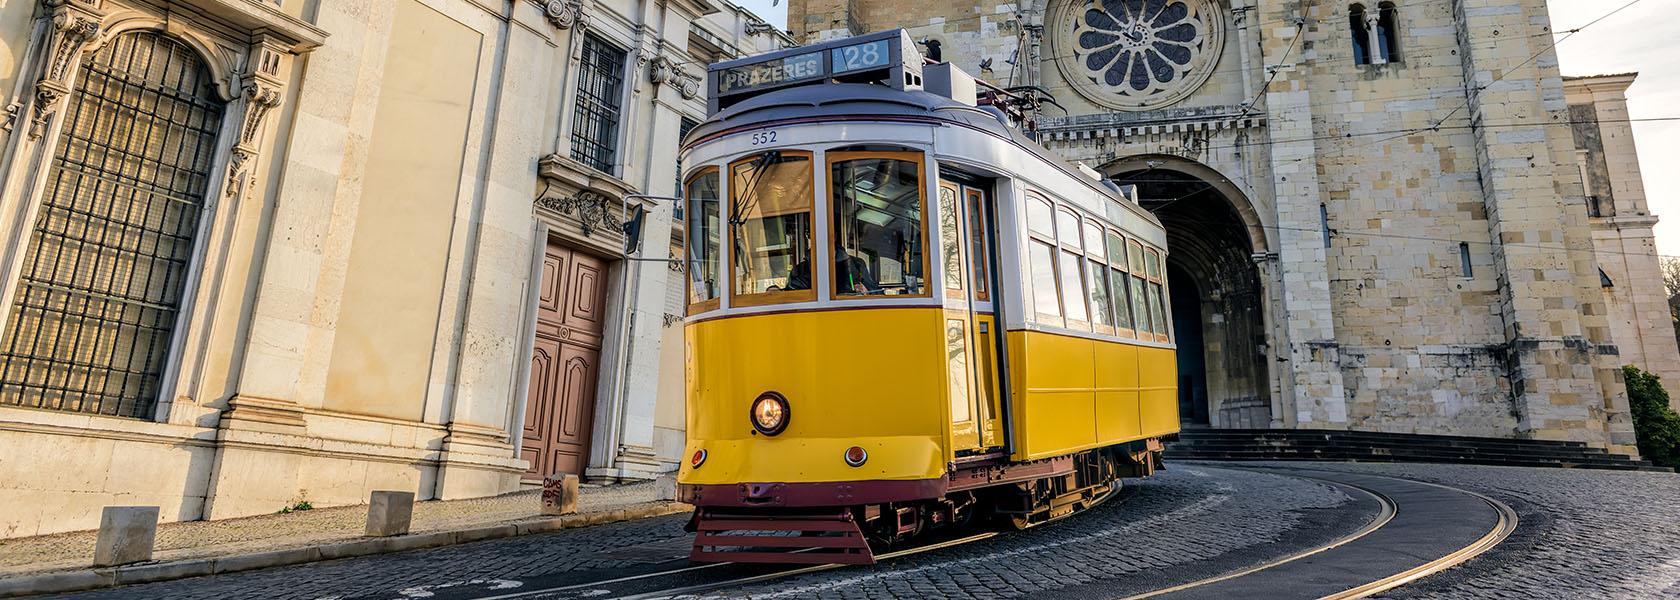 Lisboa- City Tour